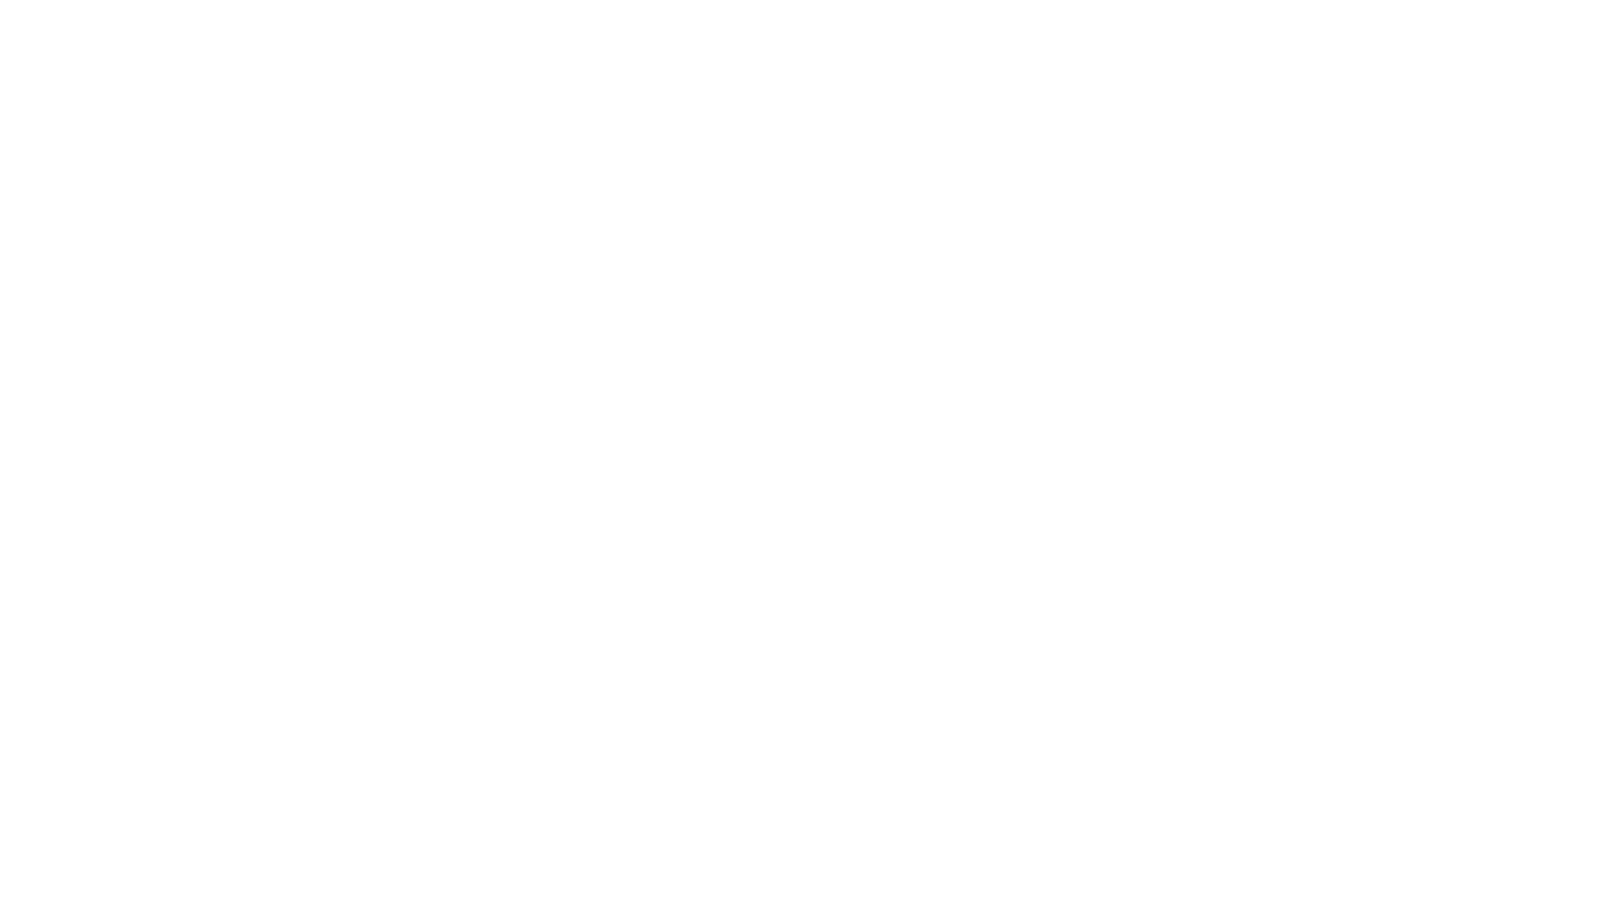 """Quale sarà il futuro di google photo?   ➡️ Entra a far parte della community """"Concetti Fotografici"""": https://www.facebook.com/groups/193312109203617   🔴 Preset gratuiti per lightroom? https://www.youtube.com/watch?v=7_qYwI052Lg  🔴 Schiaccia like ed iscriviti al canale per essere sempre aggiornato  Seguimi su Instagram: https://www.instagram.com/image_studio_fotografico/ Sito web: https://gennaromazzacane.it/ Facebook:  https://www.facebook.com/gennaromazzacanefotografo Info, preventivi e collab. gennaro.mazzacane@gmail.com ----------------------------------------------------- Music: Youtube music for video Editing: Adobe premiere pro e Audition Graphics: Adobe Photoshop e Lightorom  Fotografo  Matrimonio Napoli - Battesimo - Book - Eventi iMage Studio fotografico Piazza Principe Amedeo 53 Aversa"""